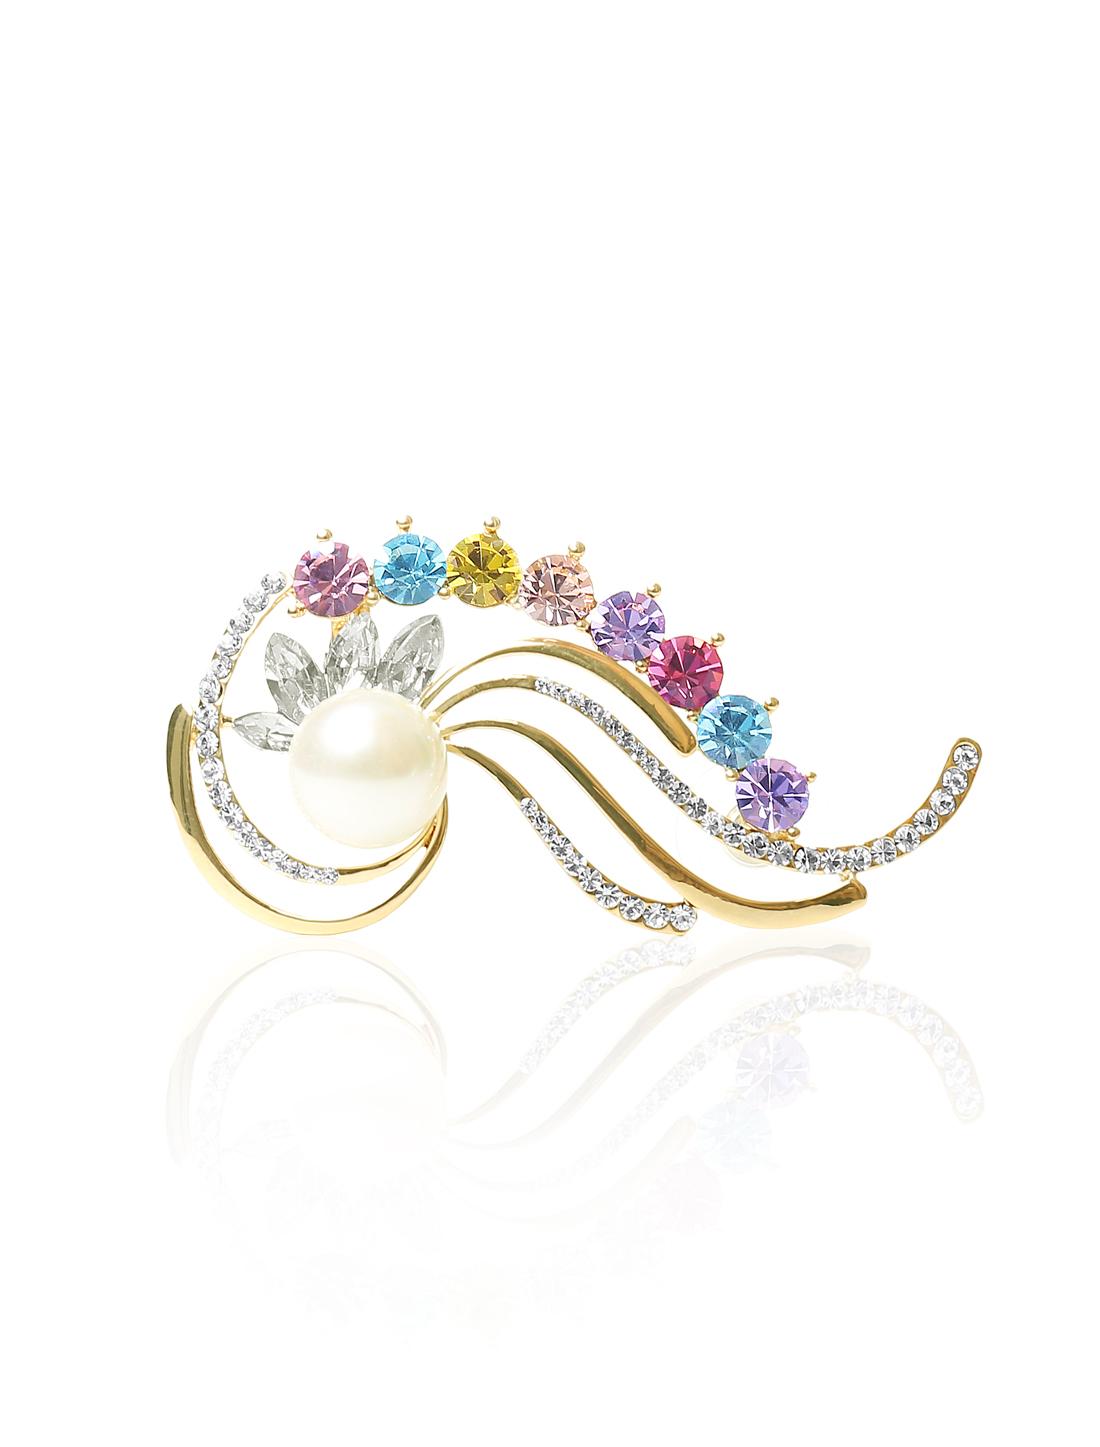 Mermaid Punk Multi-colored Imitation Crystal Pearl Ear Rhinestone Clip Cuff Wrap Earring Stud Rock